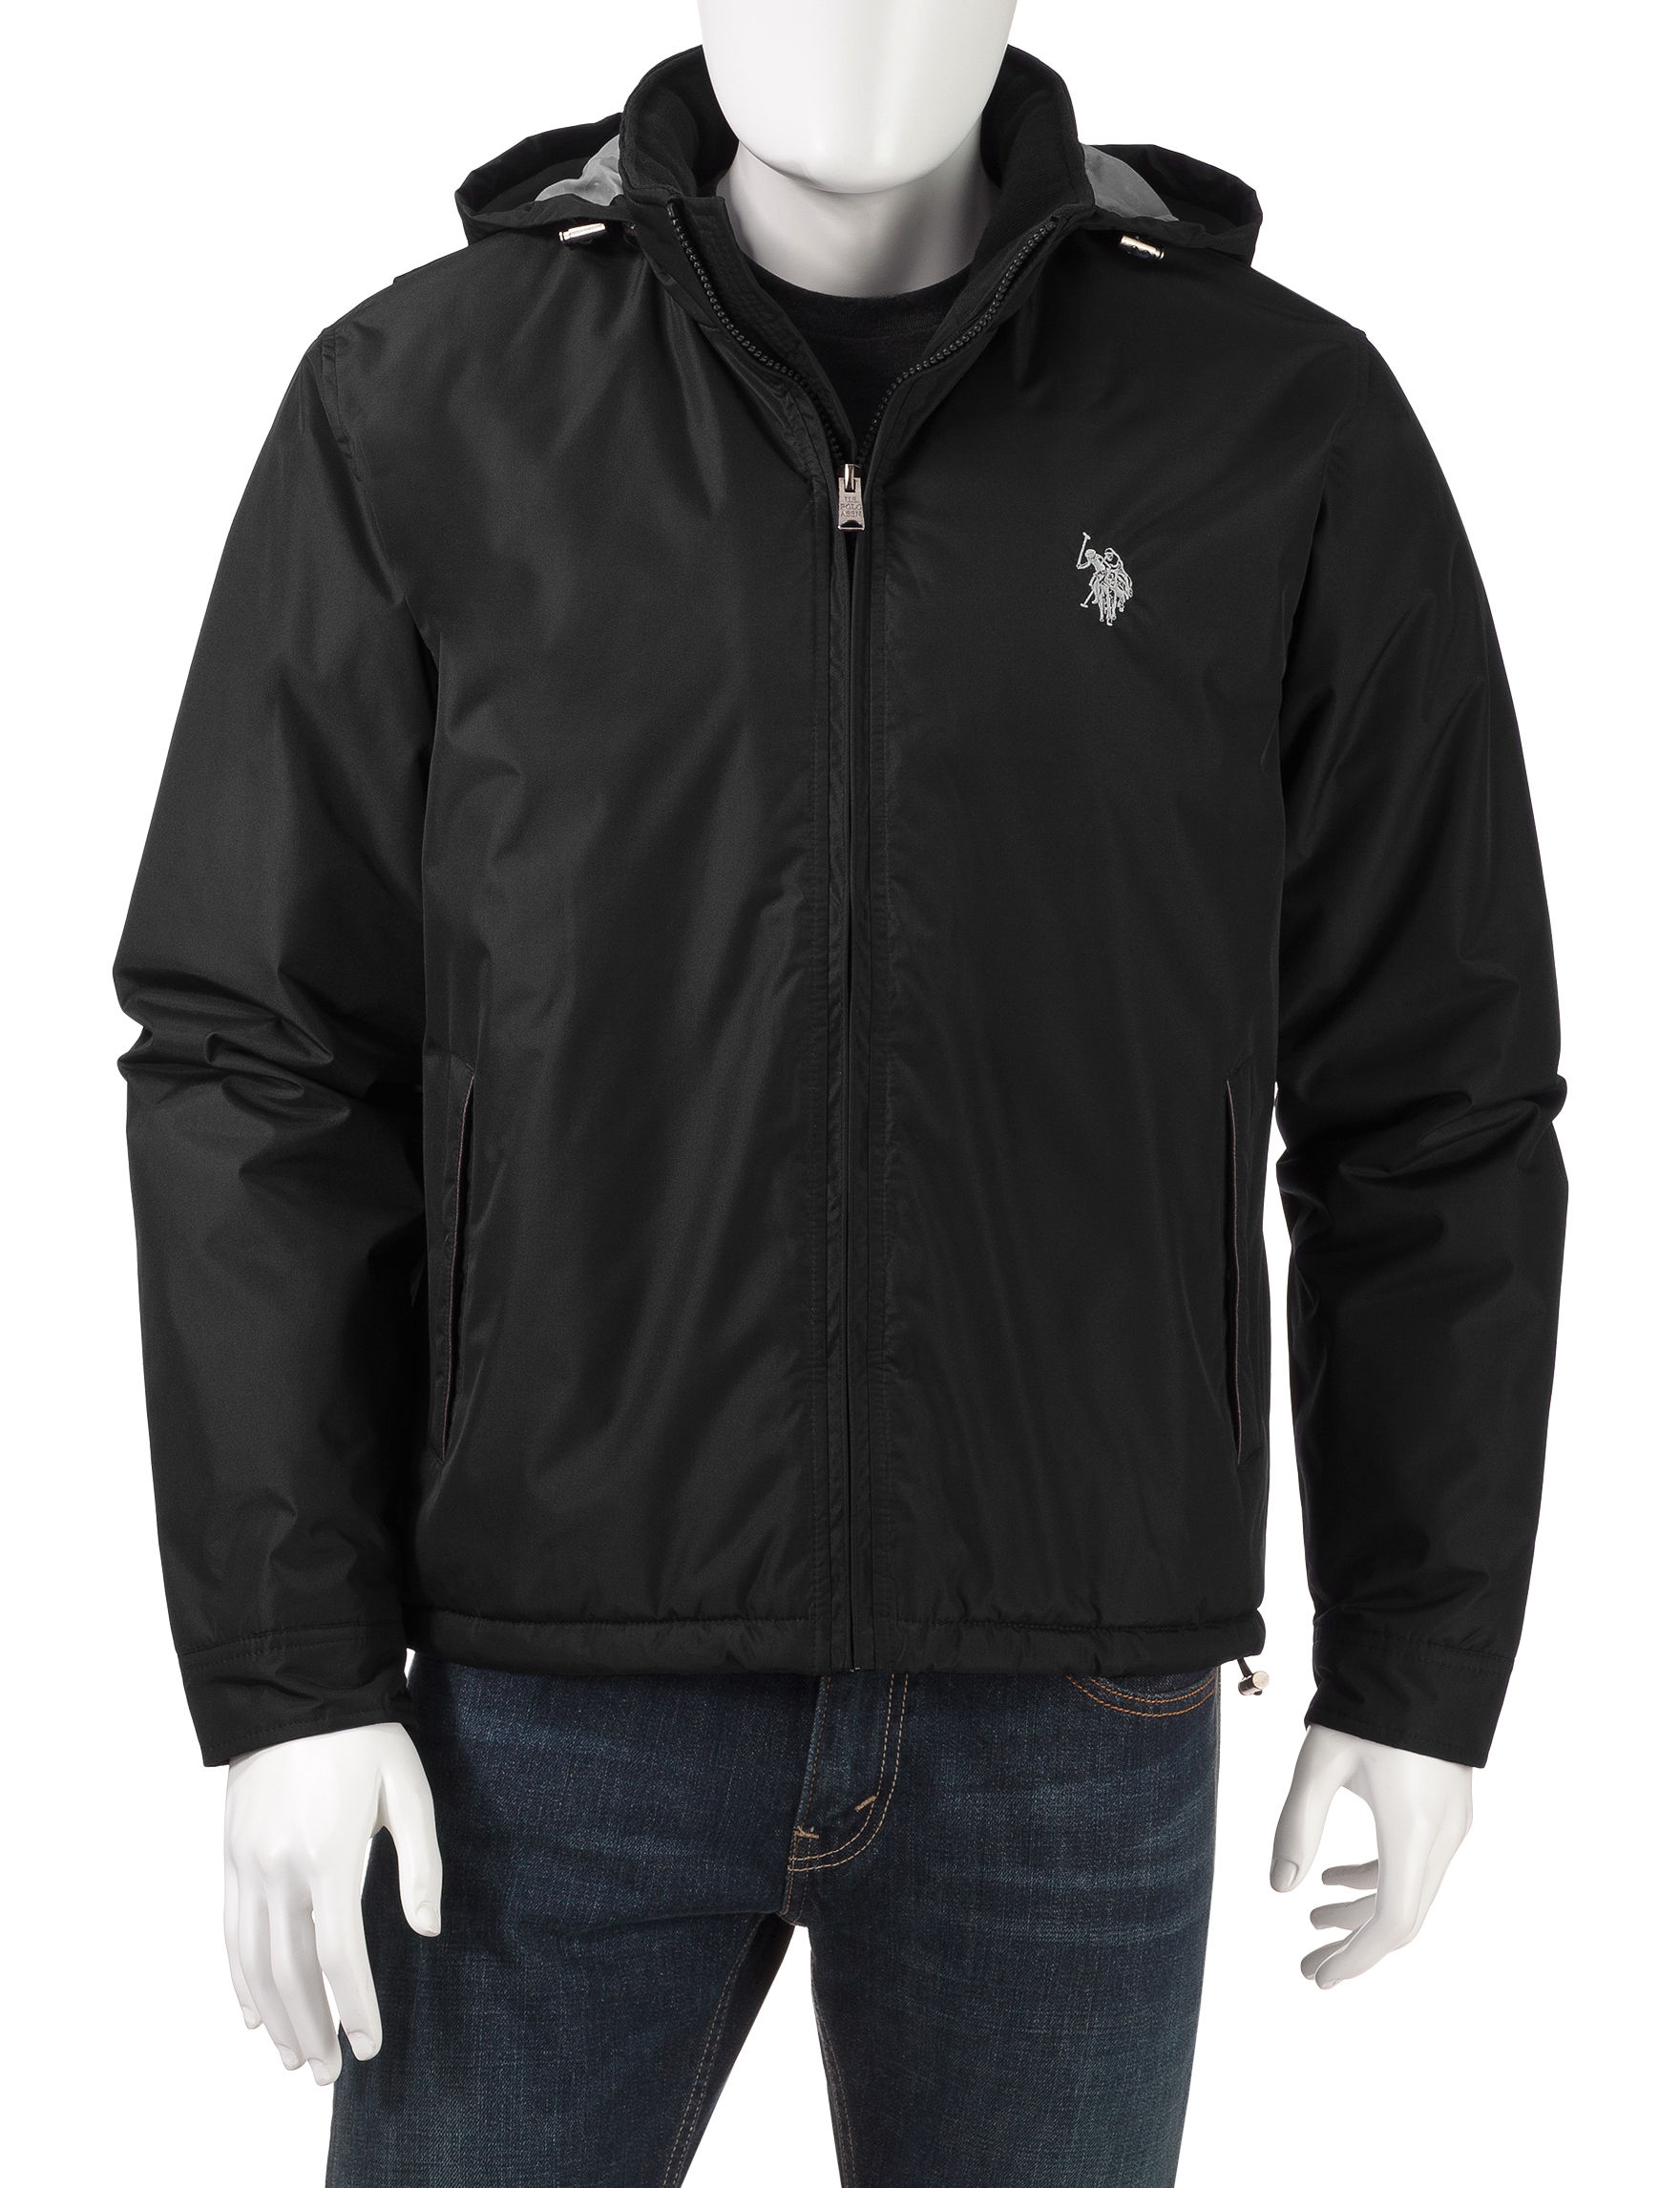 U.S. Polo Assn. Black Insulated Jackets